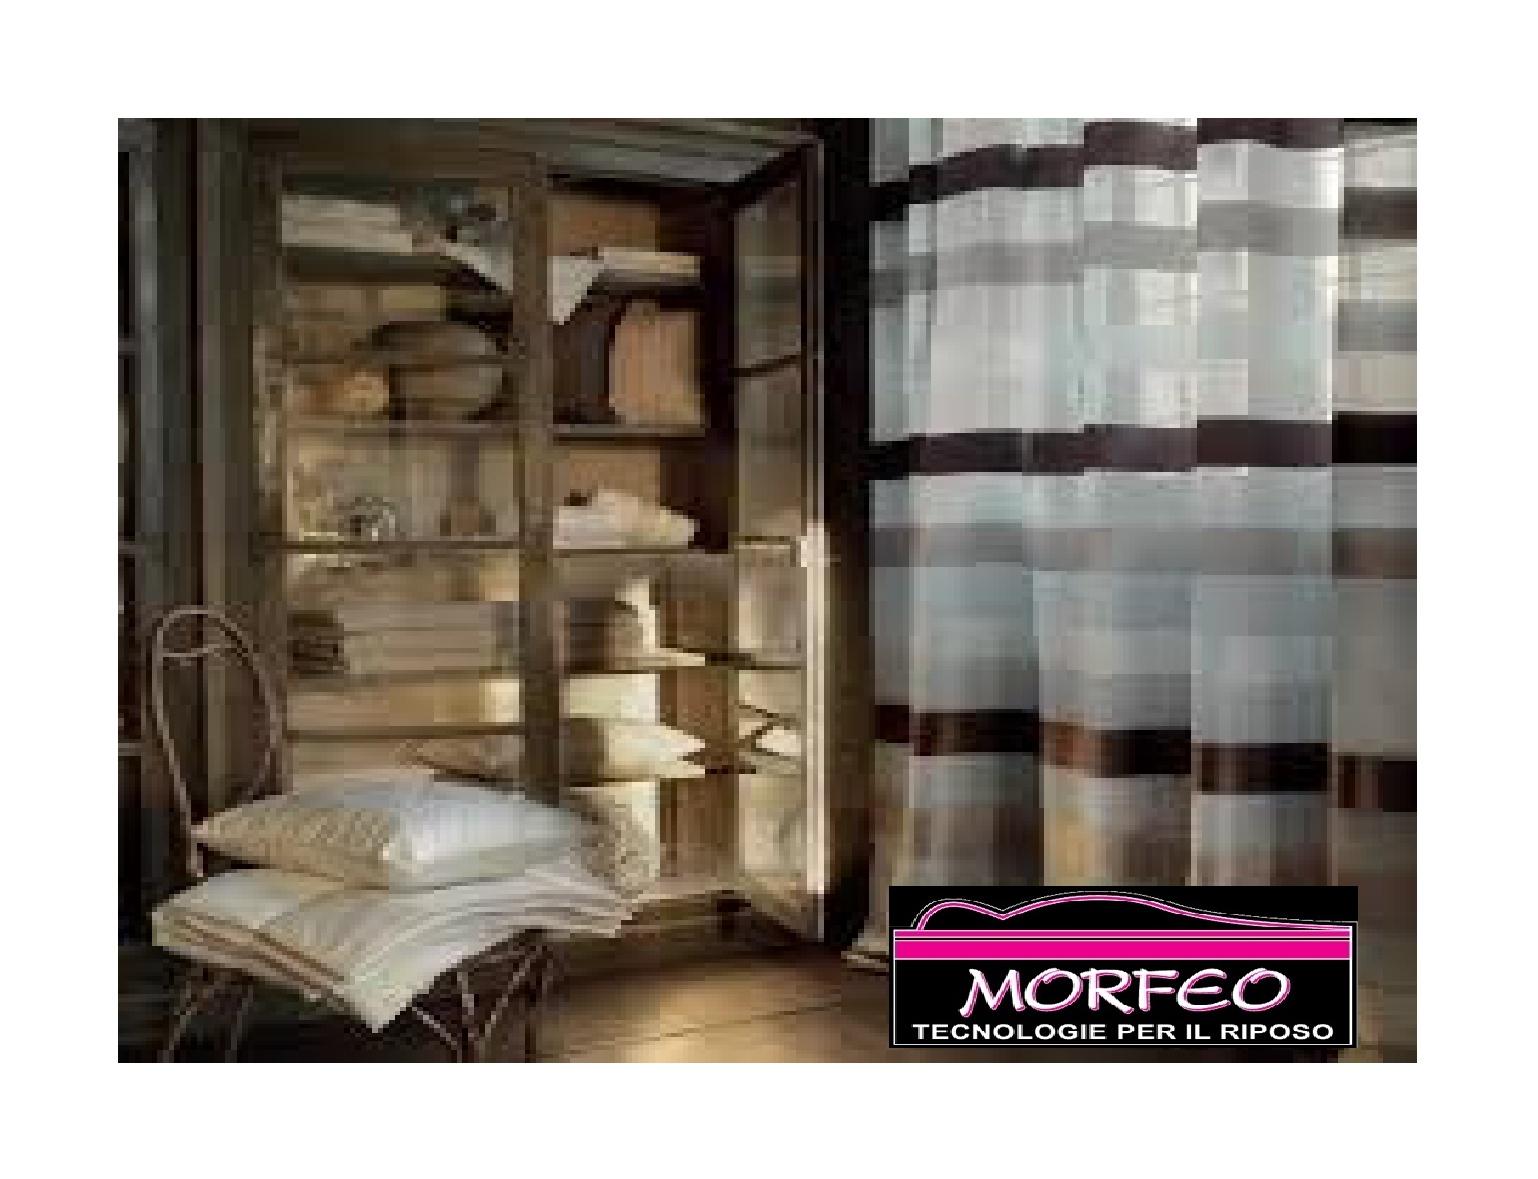 Morfeo biancheria per il letto catanzaro cz - Biancheria per il letto on line ...